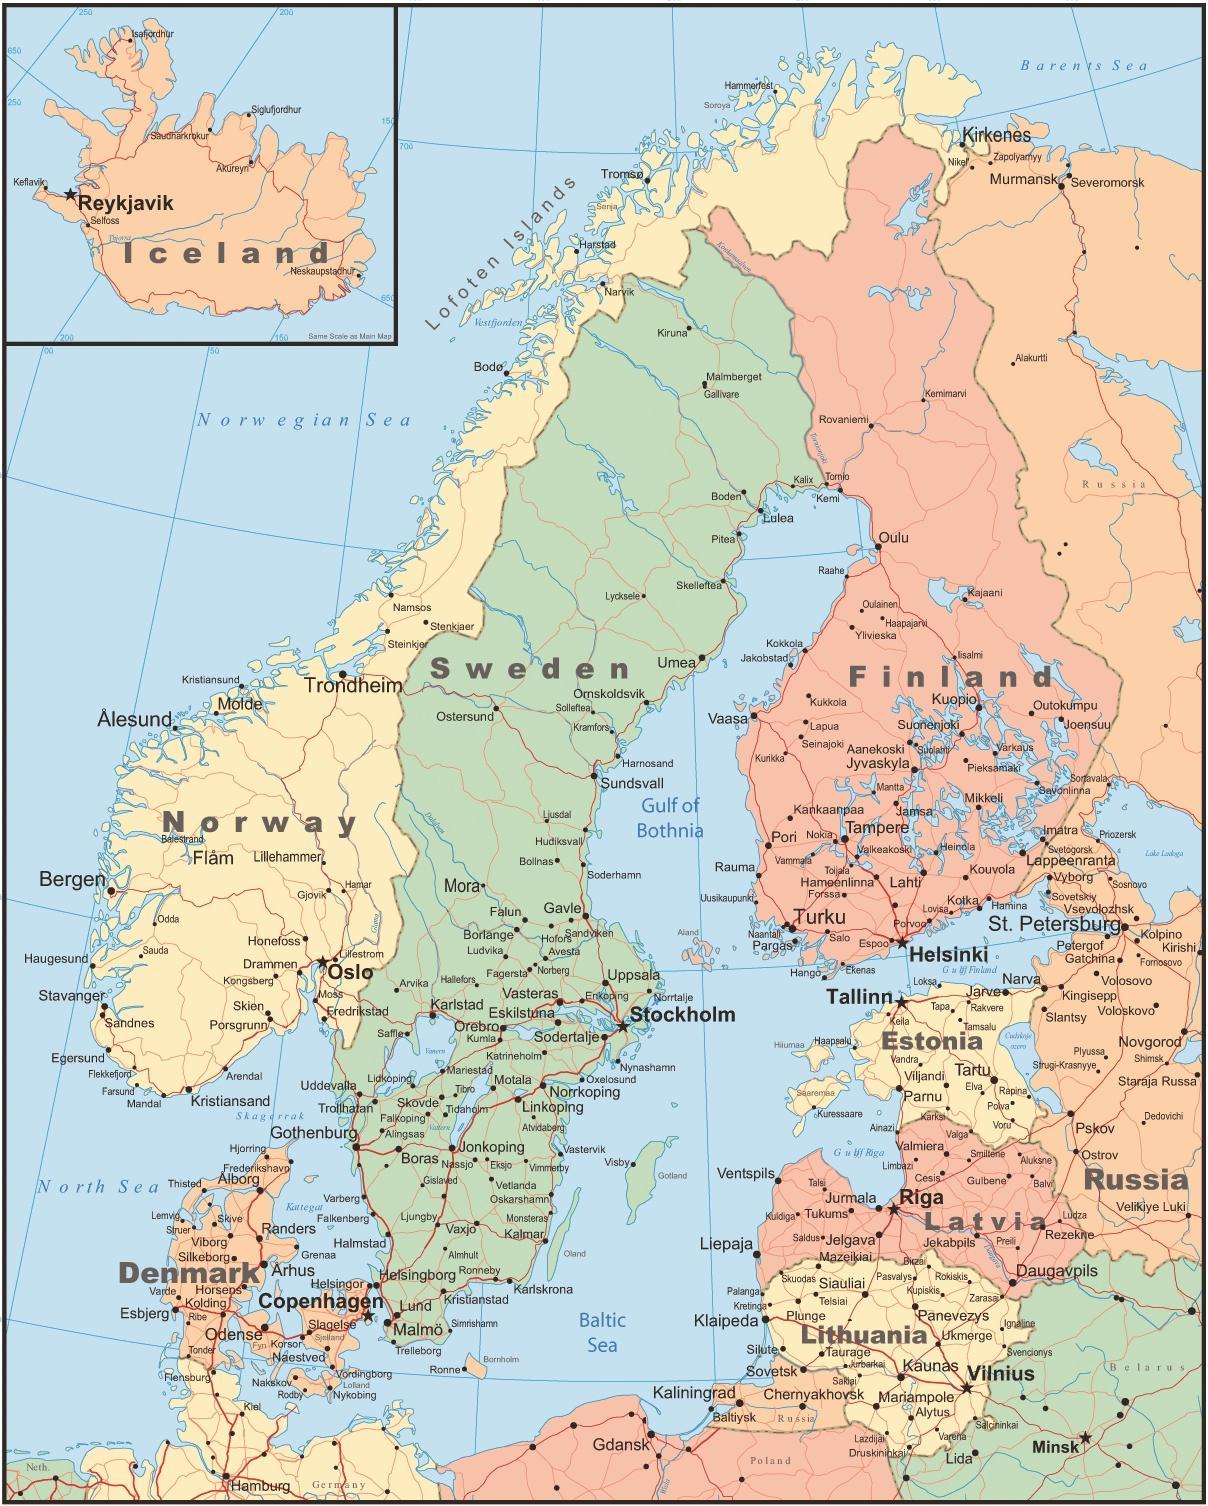 Harta Finlanda și țările Din Jur Harta Finlanda și țările Din